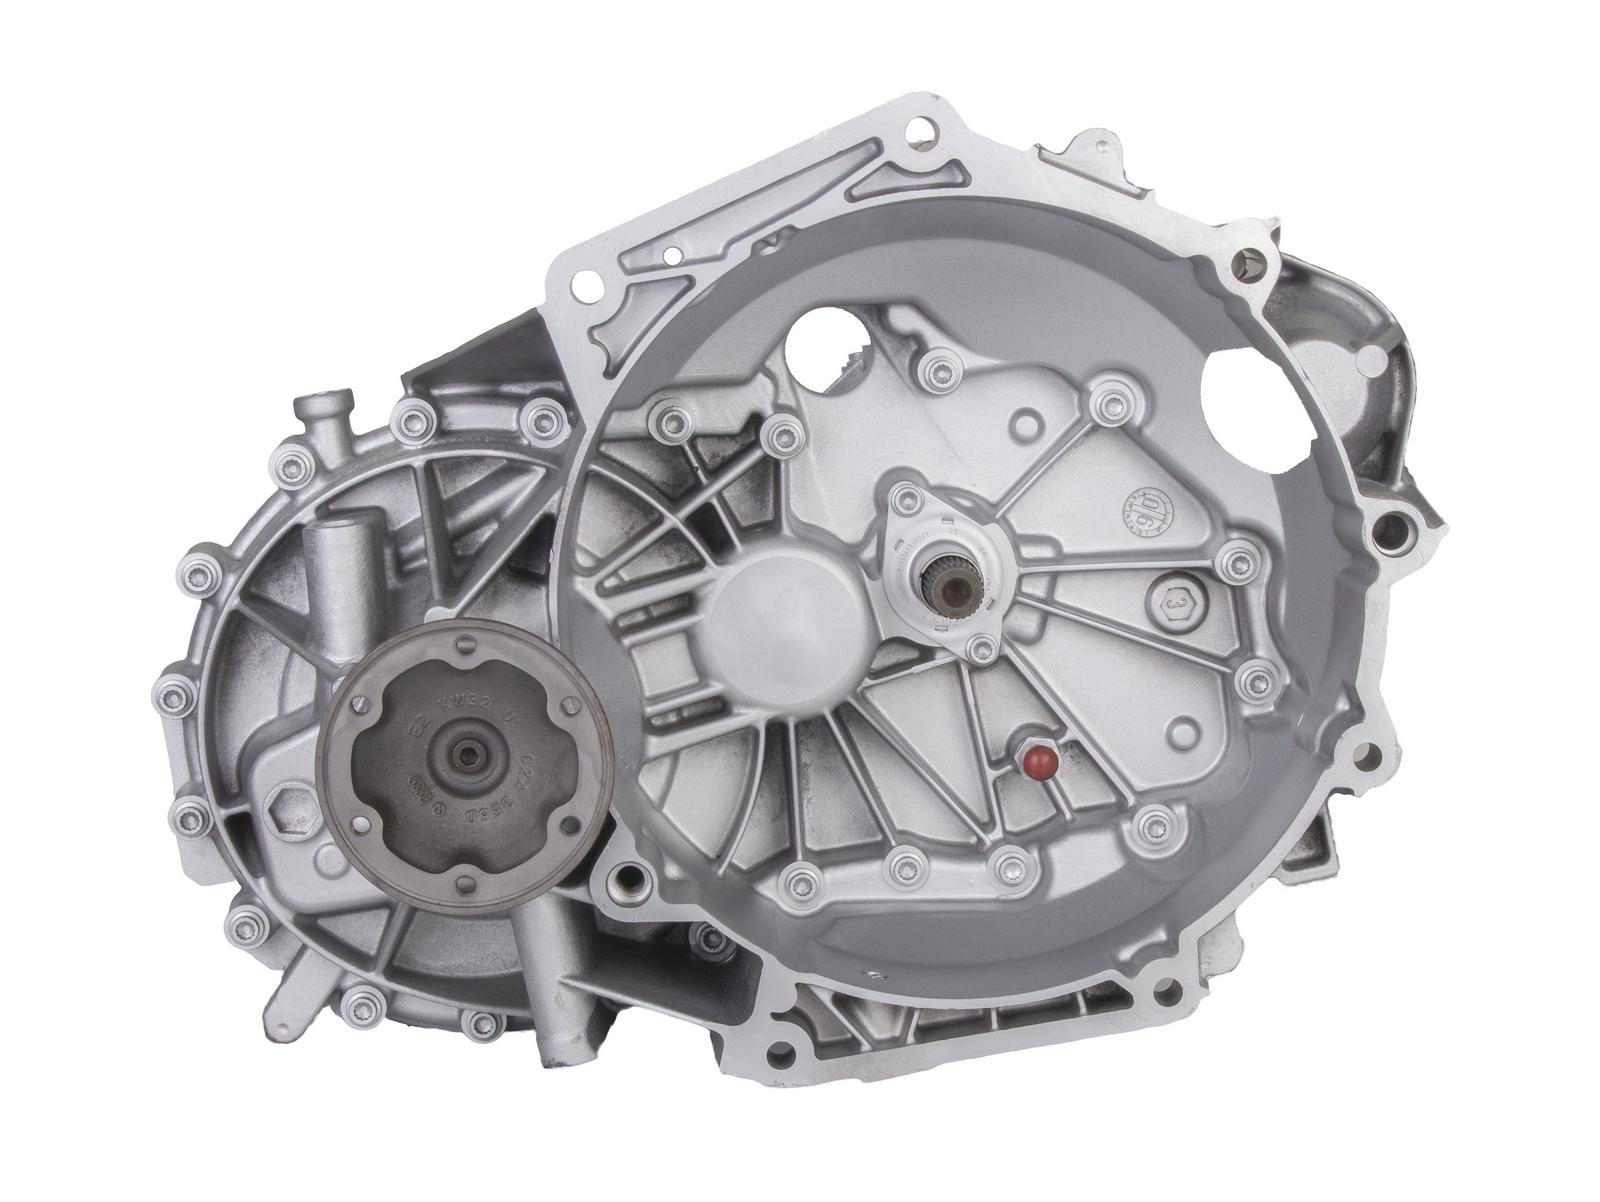 Skrzynia VW Caddy manualna LBT